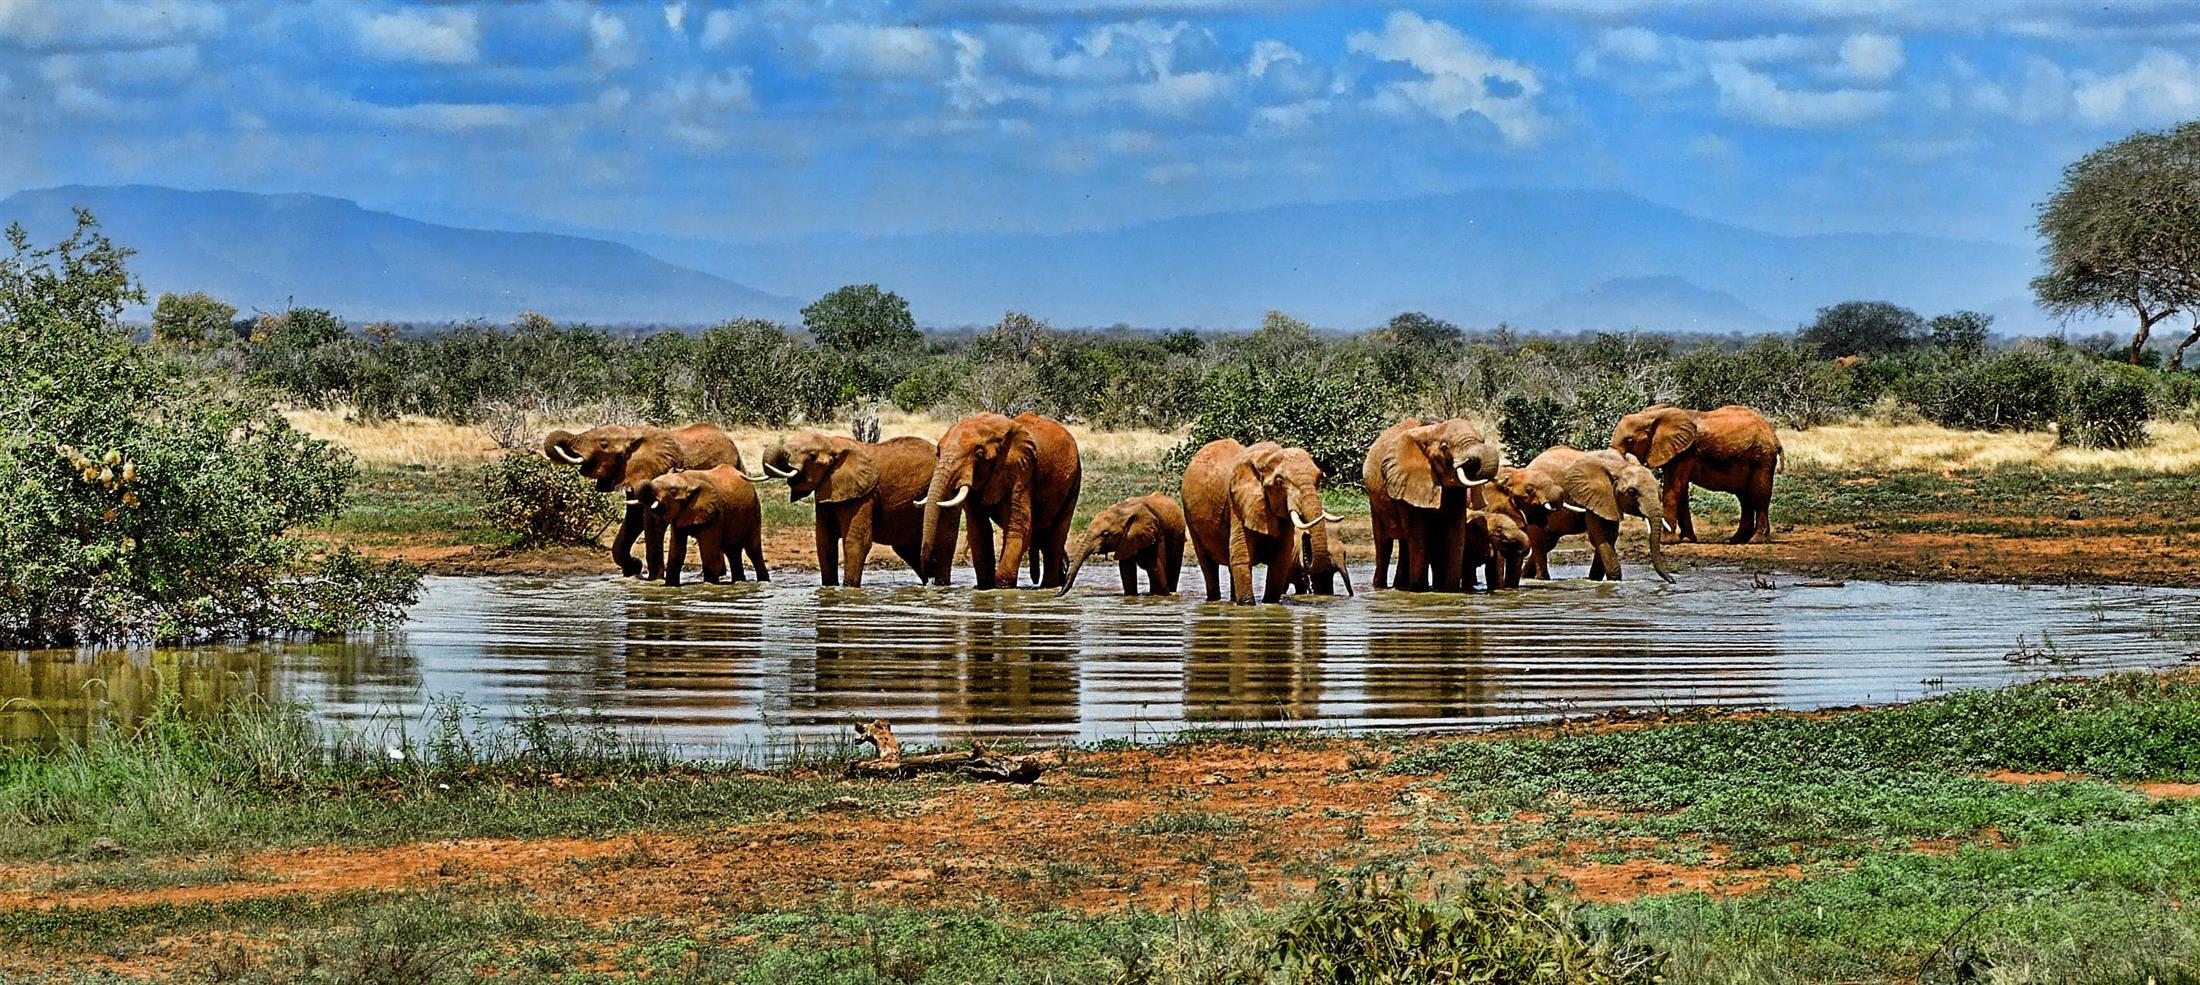 טיול מאורגן לדרום אפריקה ומפלי ויקטוריה | 5.4, 15.5 | 12 ימים , 10 לילות